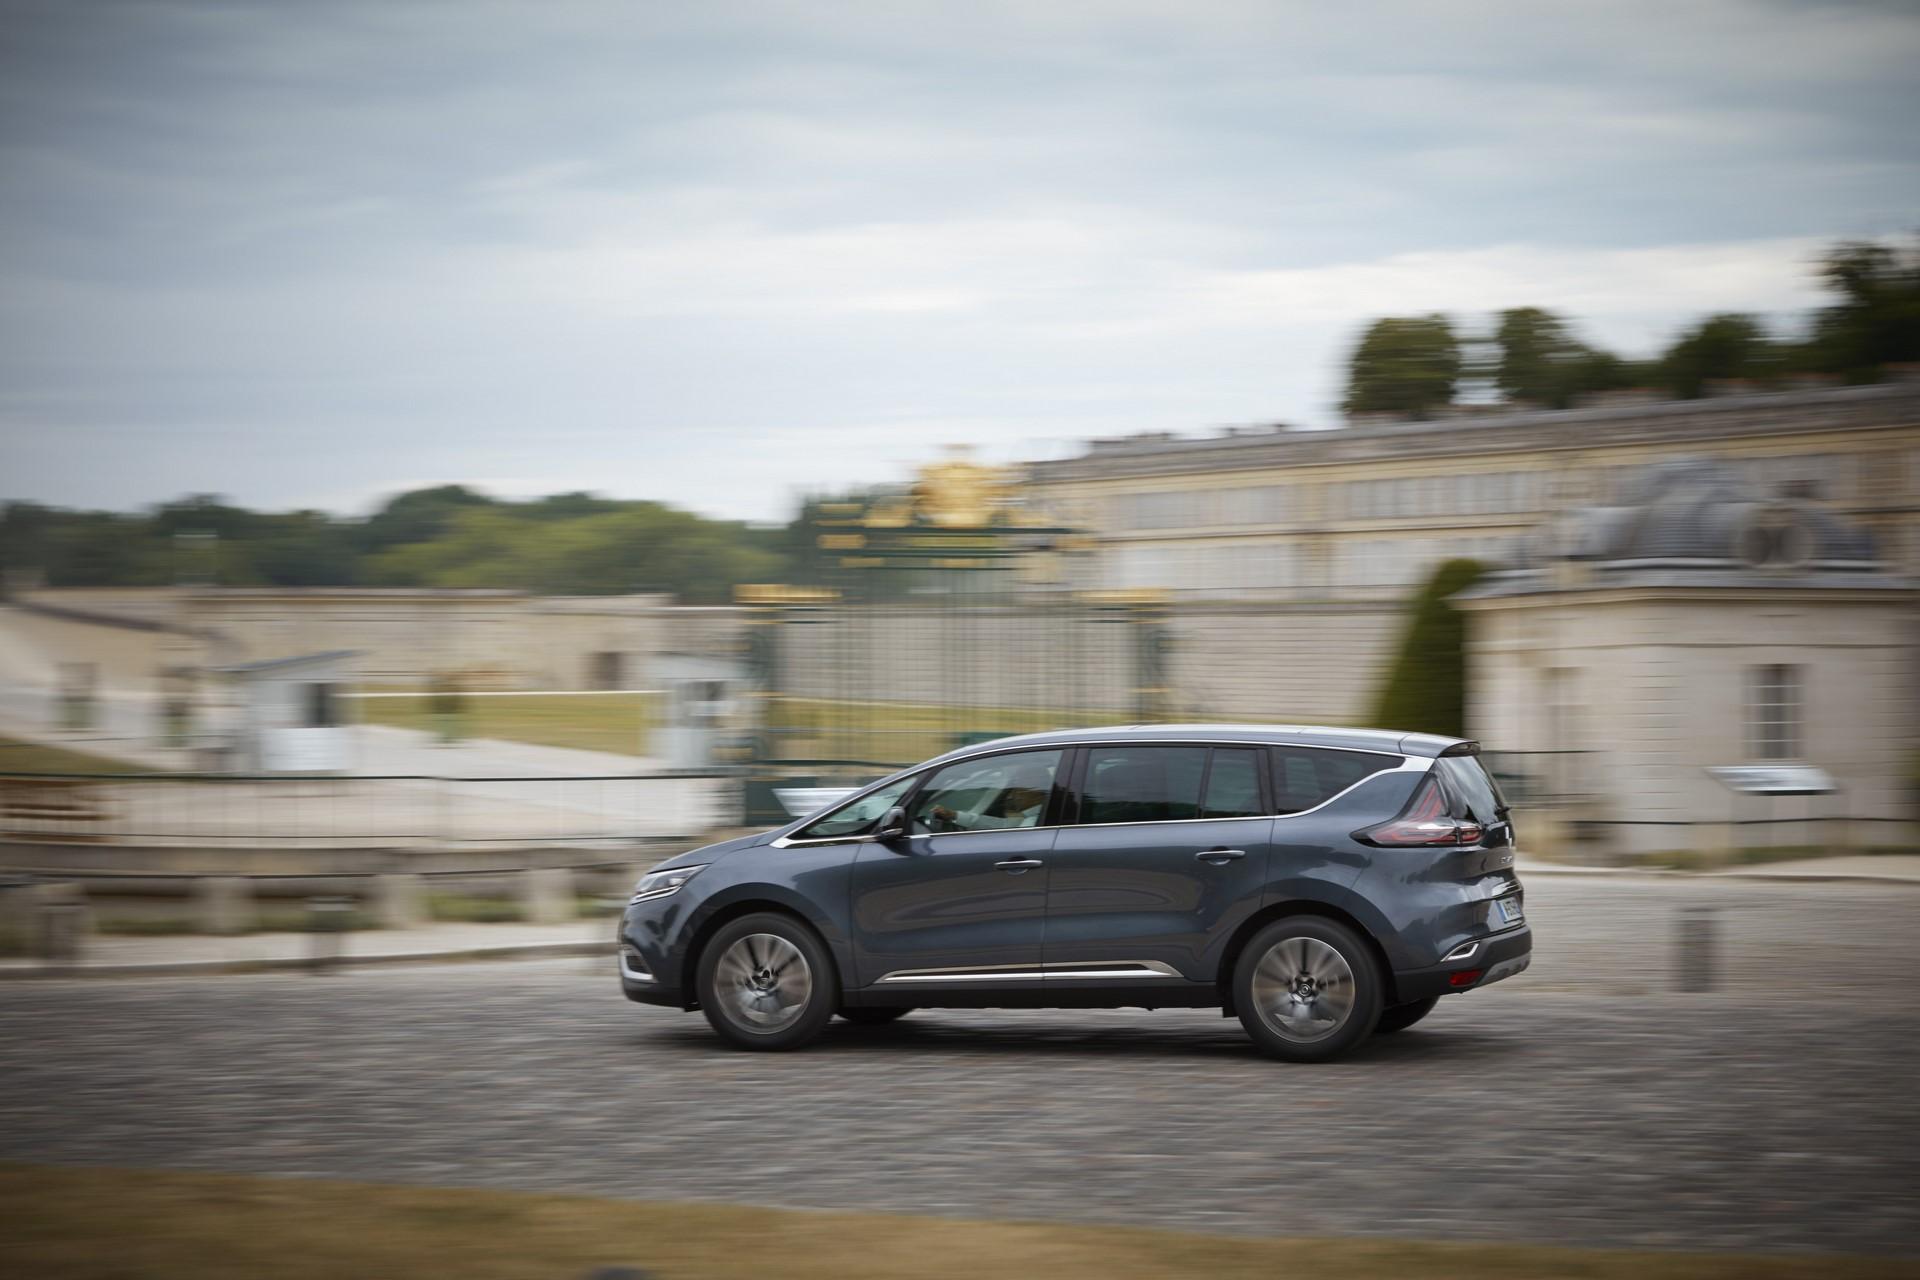 Renault_93230_global_en